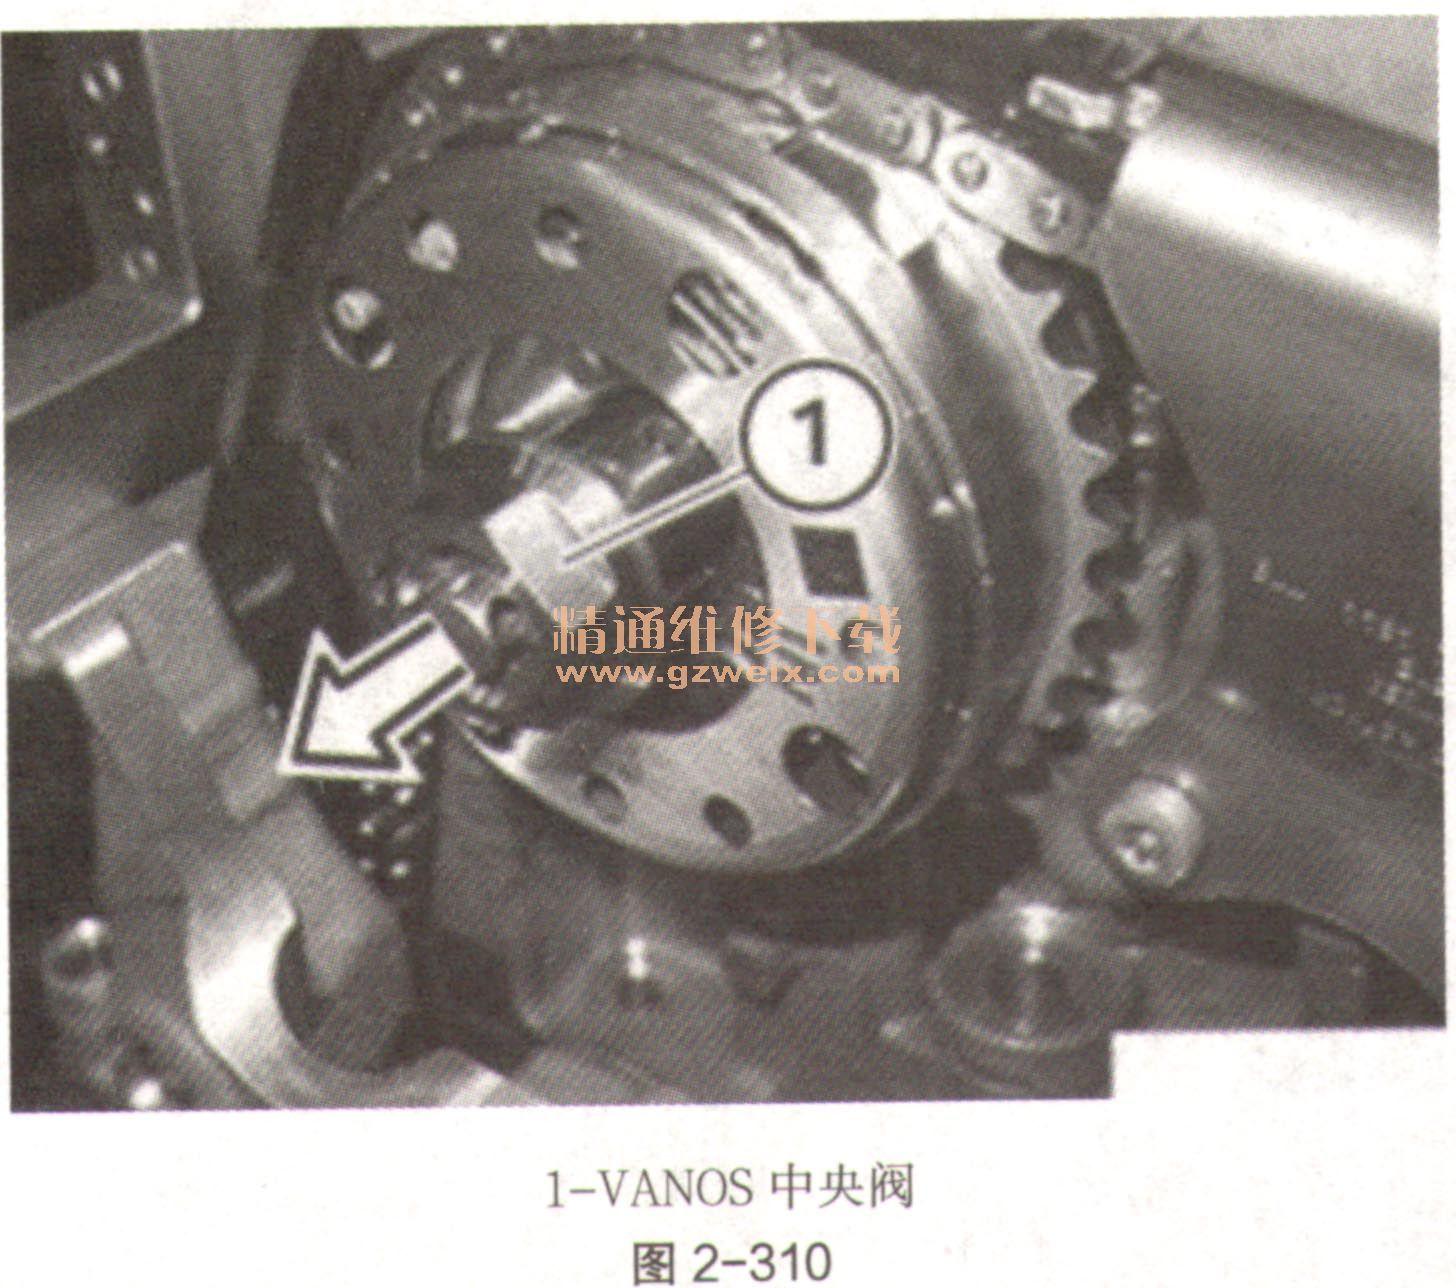 (一)拆卸和安装或更换进气和排气调整装置 (1)需要的专用工具:2 358 122、119 340、009460和116480。 (2)需要的准备工作。 拆卸汽缸盖罩。 检查配气相位。 拆下废气触媒转换器。 (3)拆卸。  VANOS中央阀(如图2-306中1)仅在已安装专用工具2358122时松开。如需正确安装,请参见维修说明检查配气相位。  松开排气调整装置的VANOS中央阀(如图2-307中1)。  松开进气调整装置的VANOS中央阀(如图2-308中1)。  拆下专用工具119340,